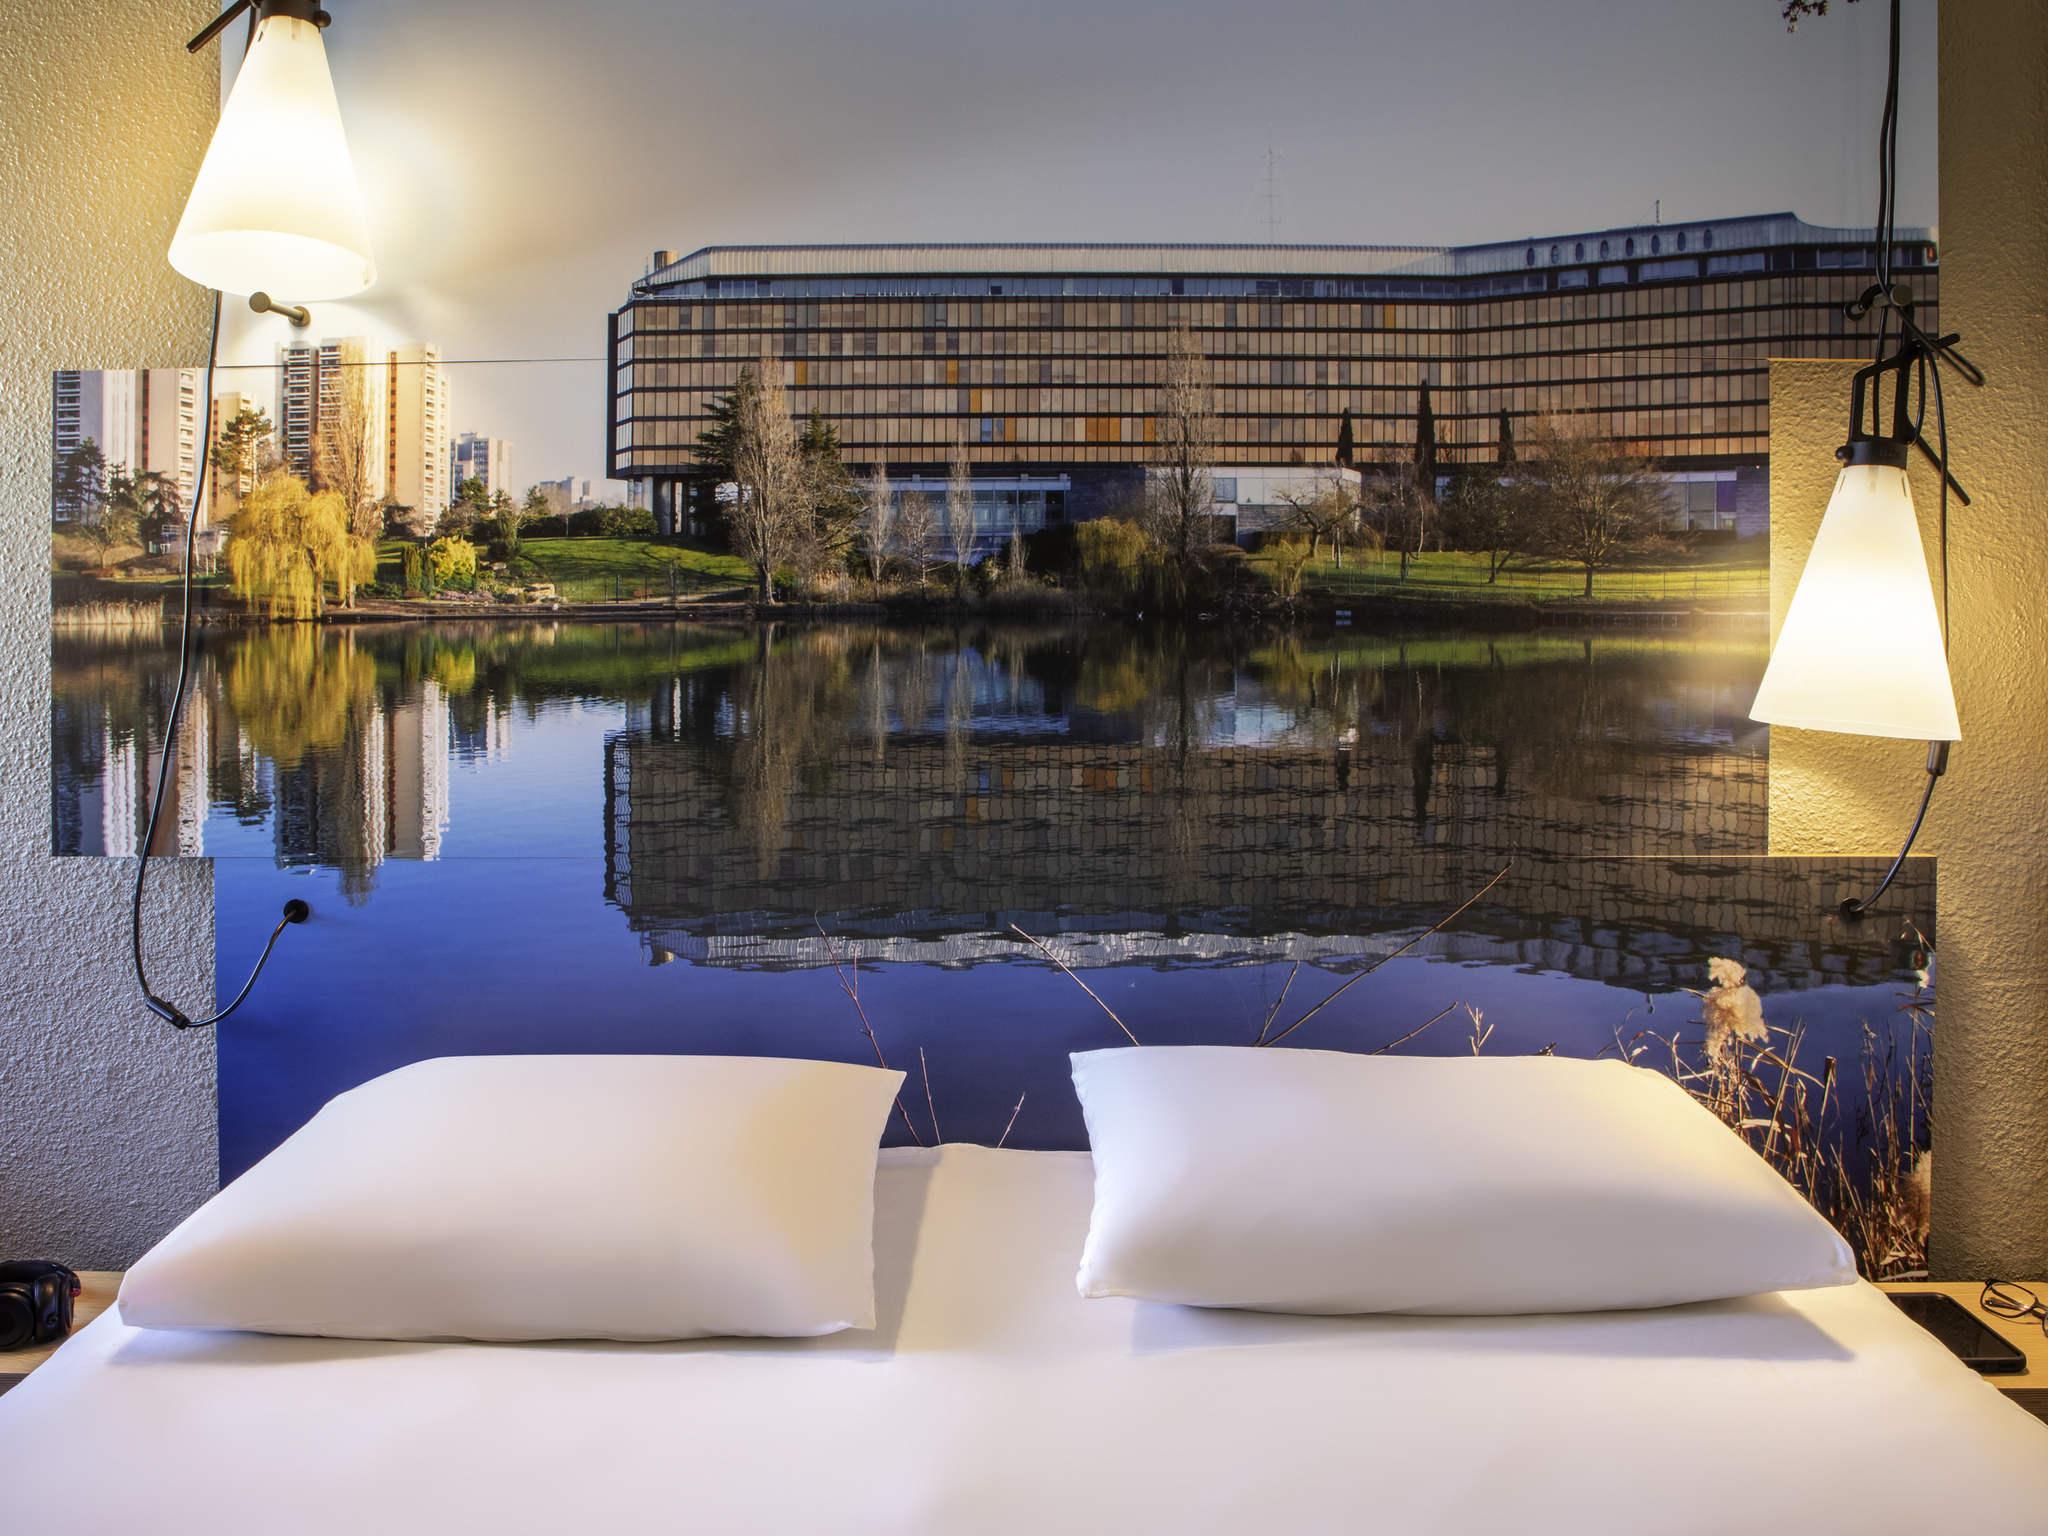 Hotel Ibis Créteil